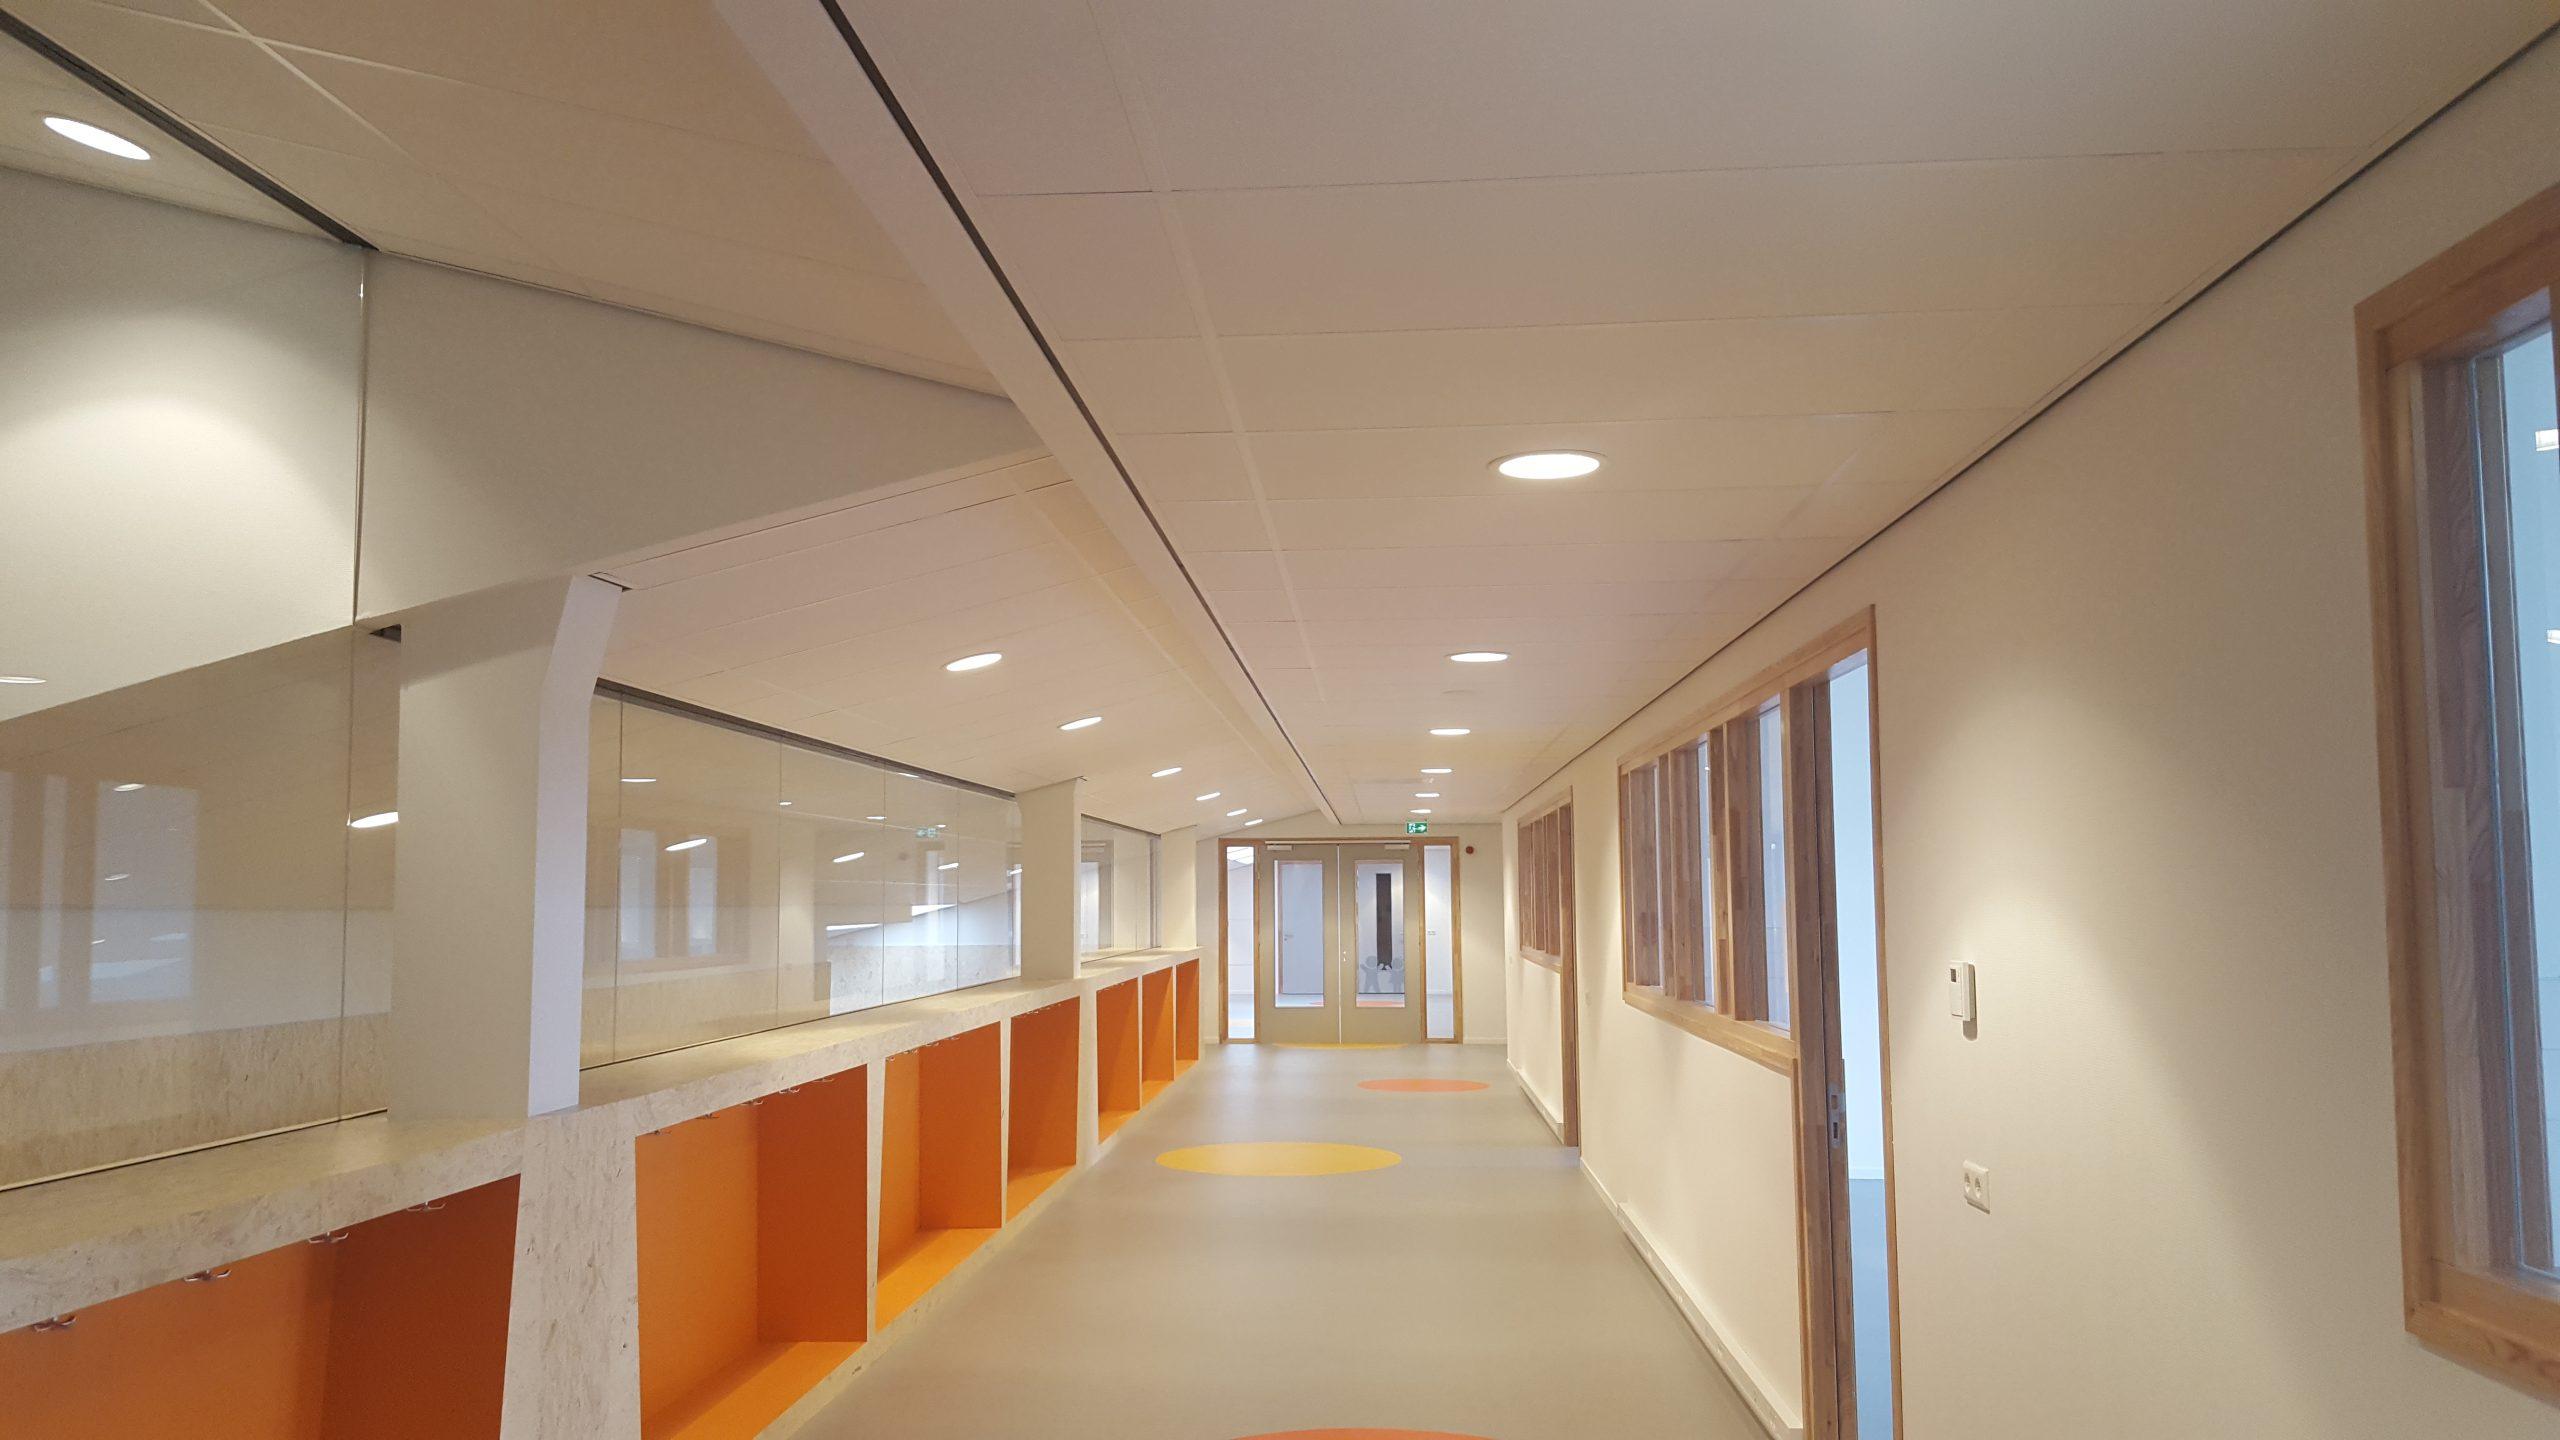 plafonds en wanden in een school